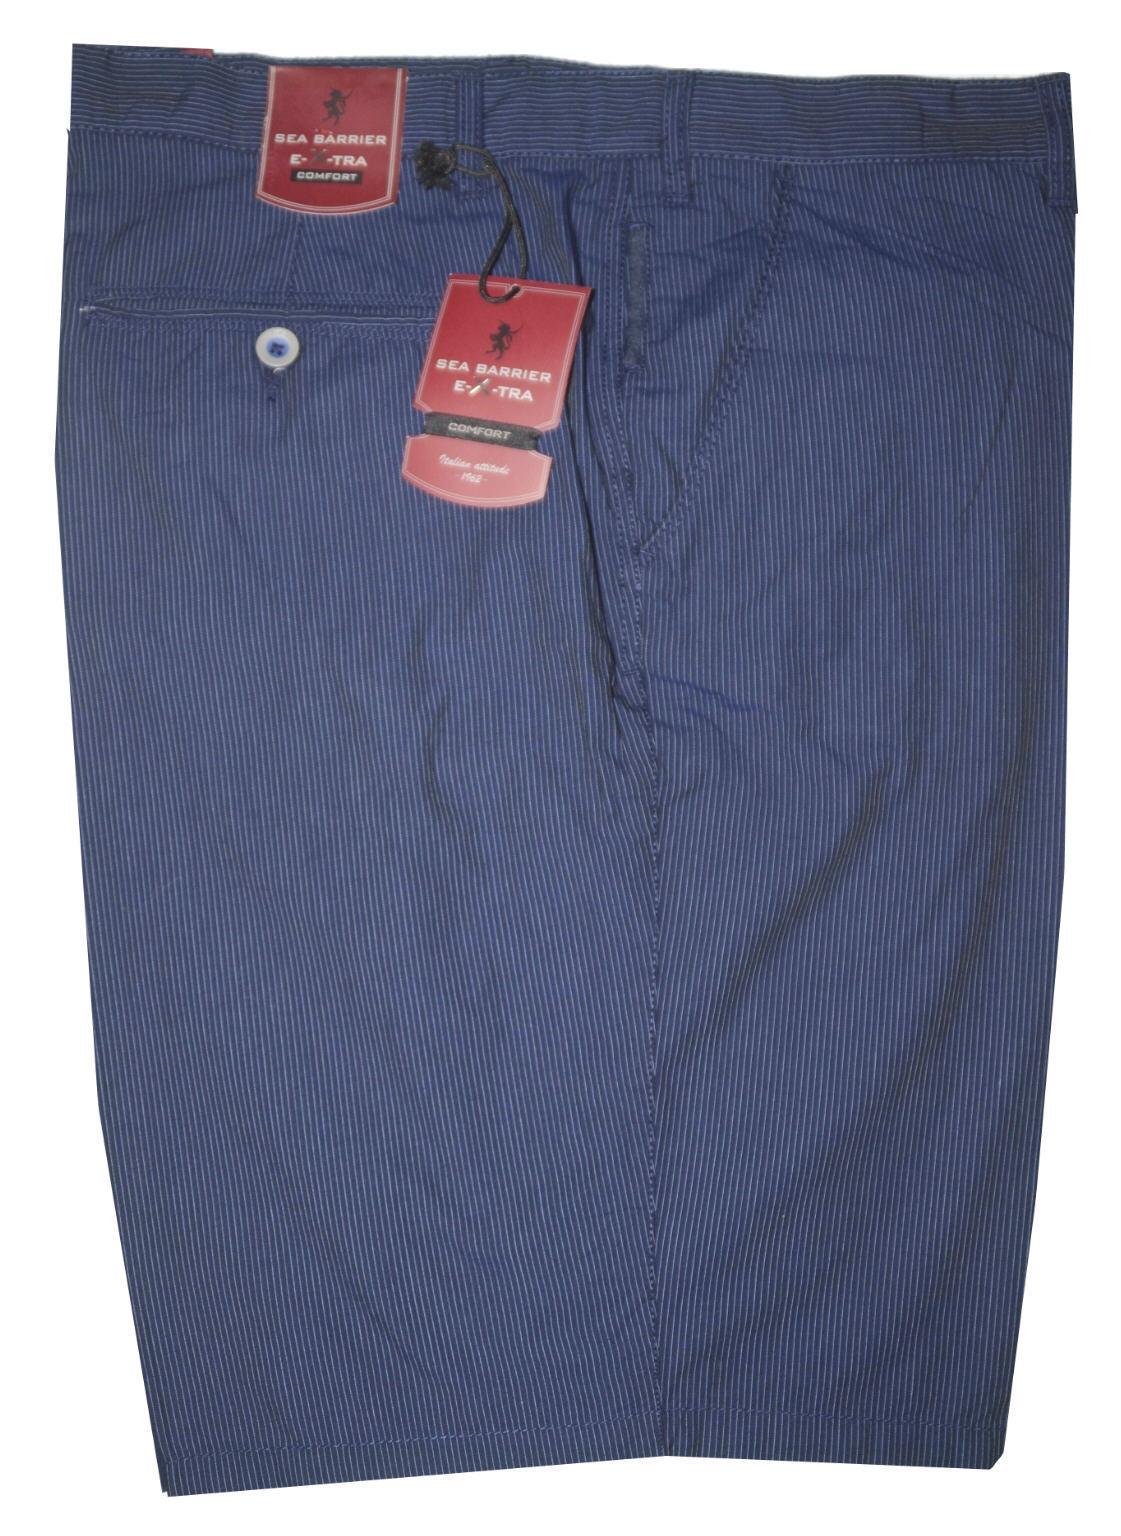 Bermuda uomo TAGLIE FORTI  57 59 61 61 61 63 65 cotone blu righe SEA BARRIER calibrato 8ea866